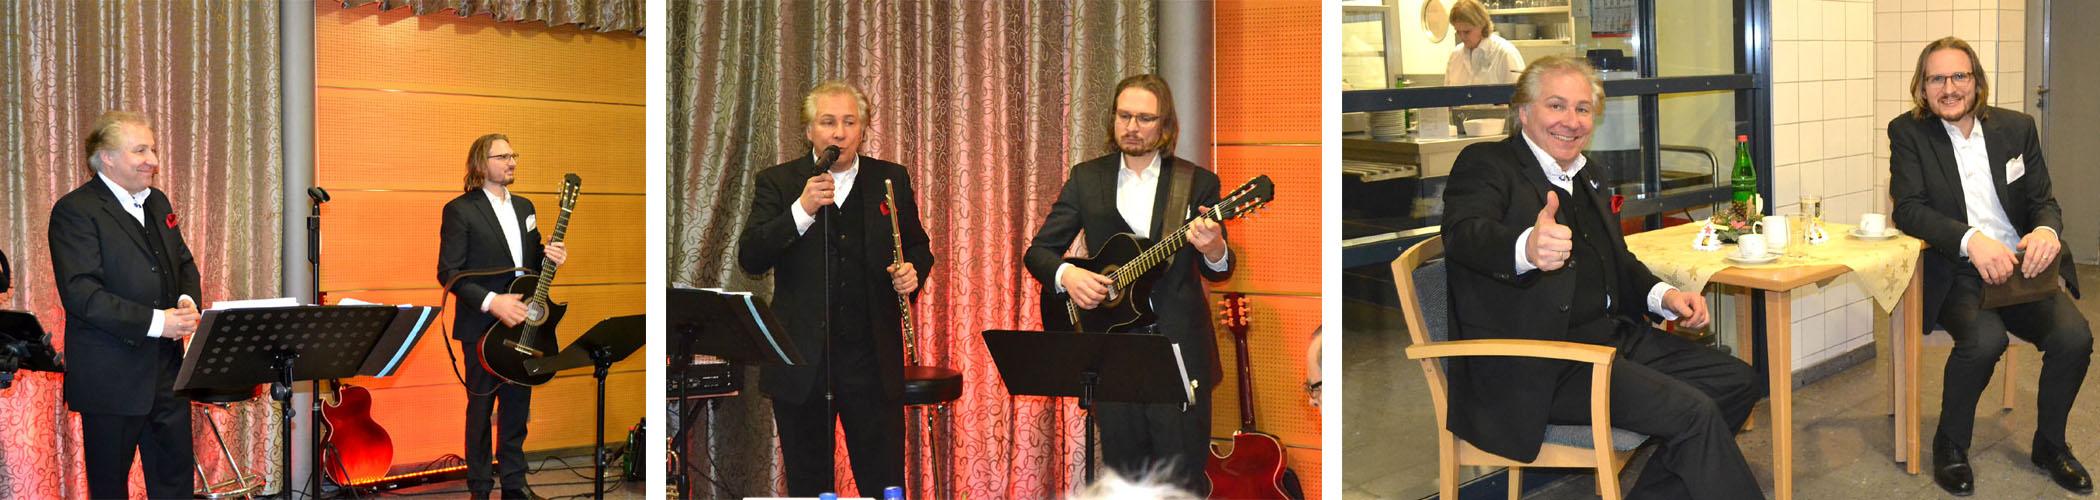 Weihnachtsfeier Peter Roland Duo mit Philipp Straske